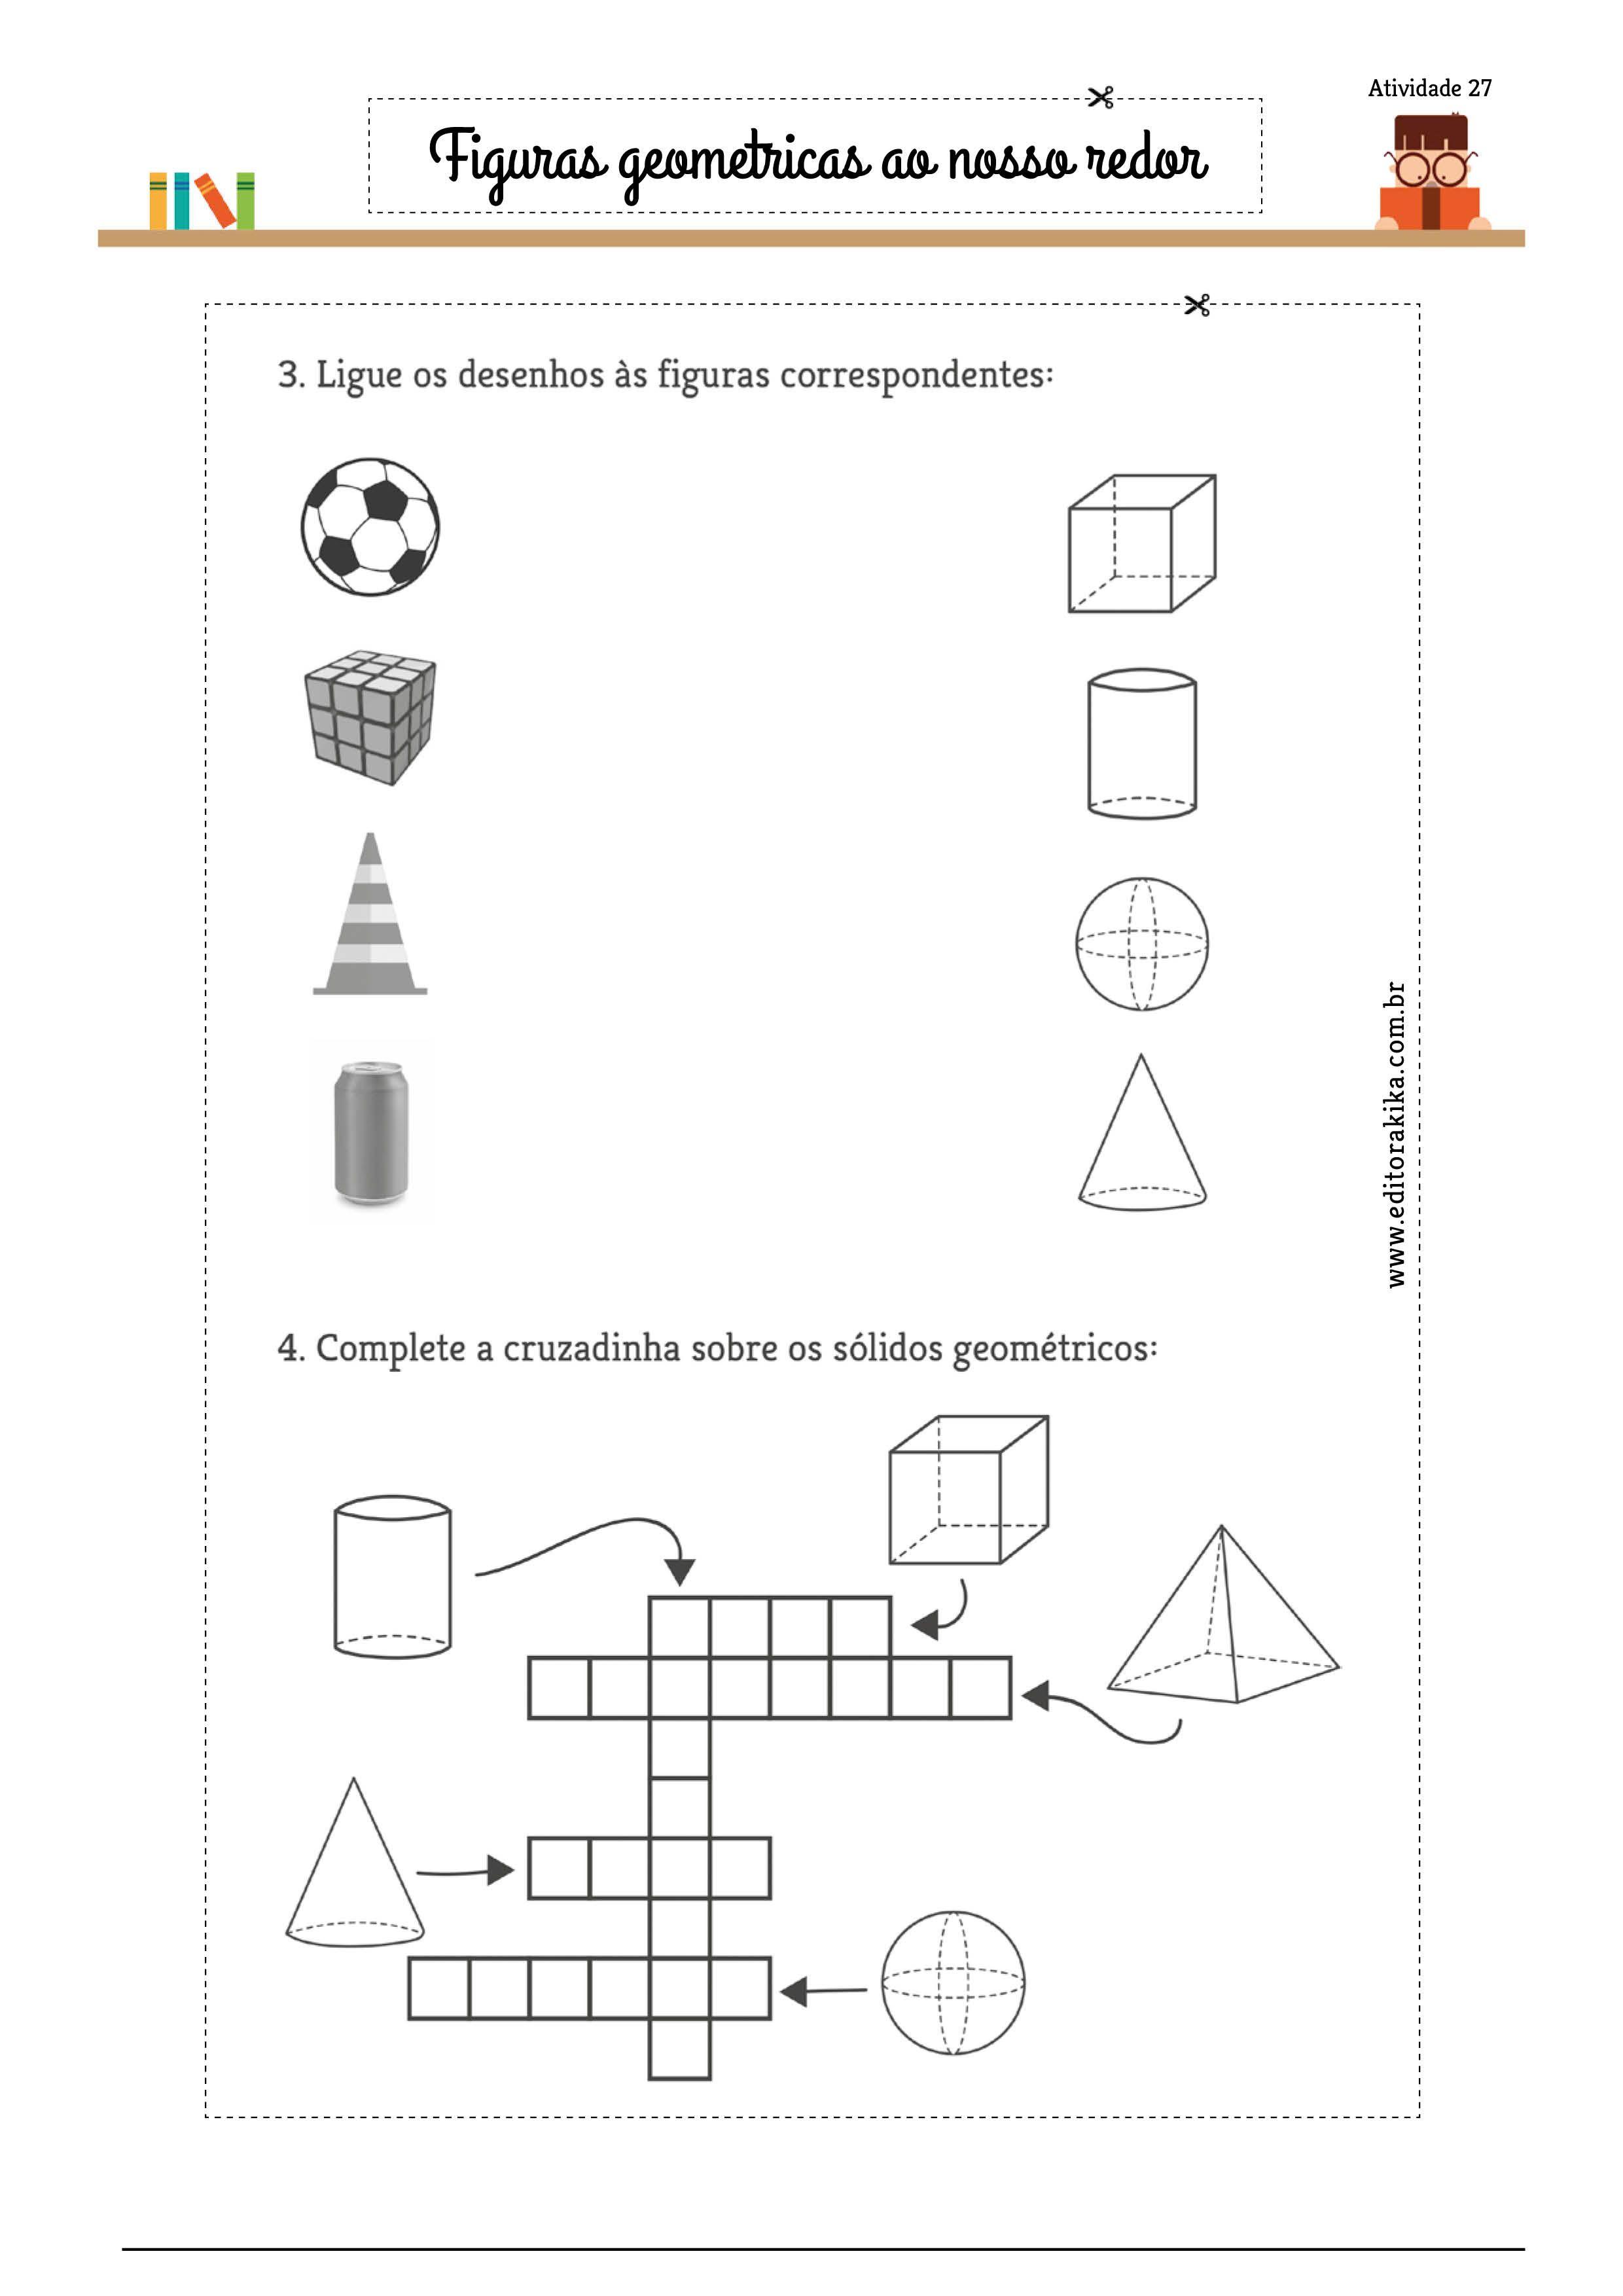 Nomear E Relacionar Figuras Geometricas A Objetos Conhecidos Ou